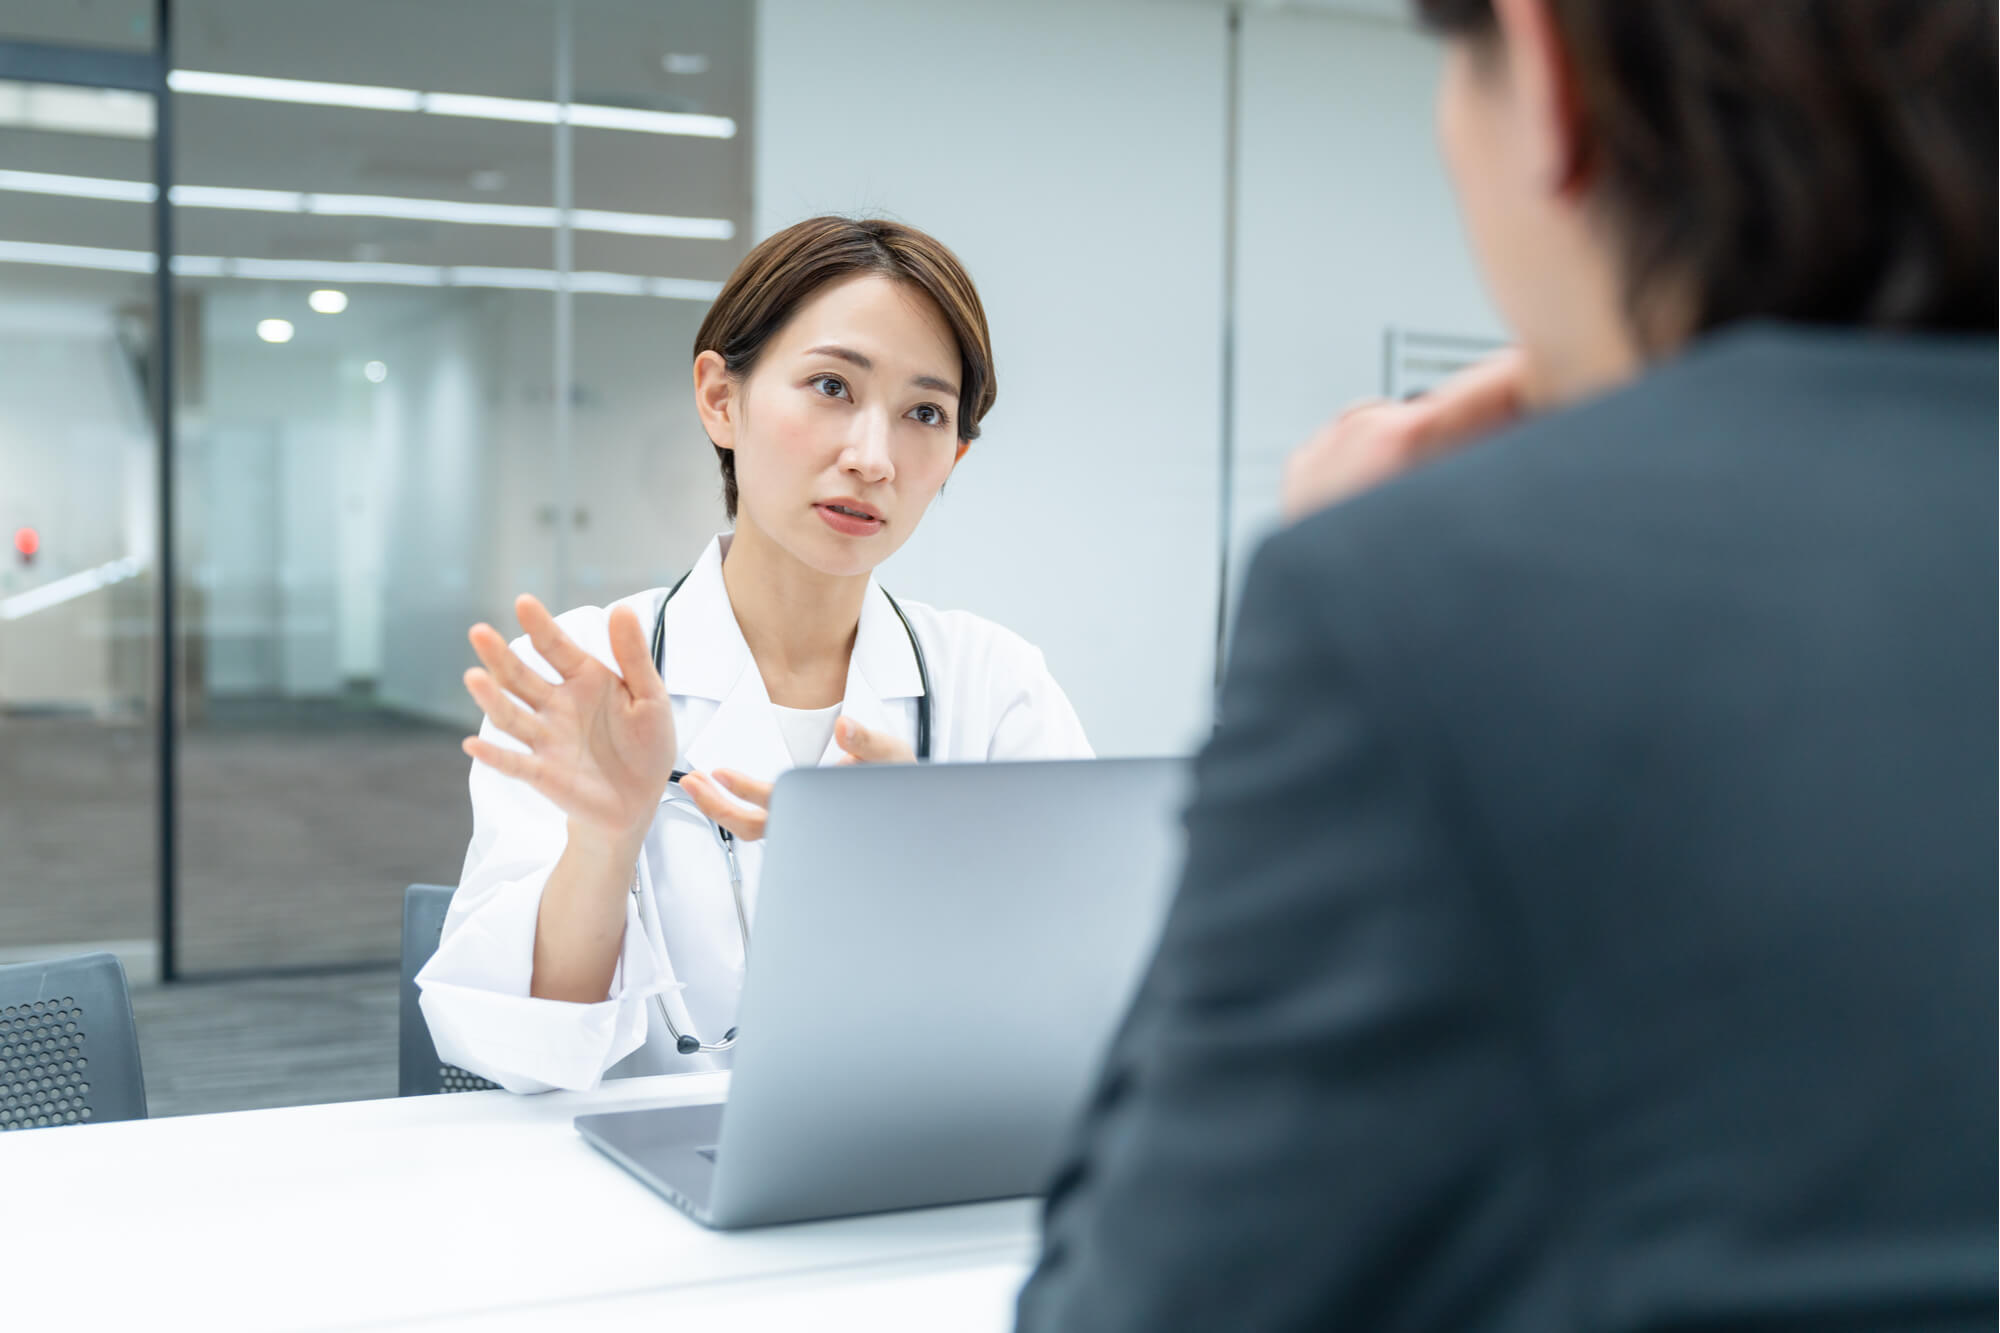 クライアントの問題を分析しベストな解決方法を説明する女性カウンセラー